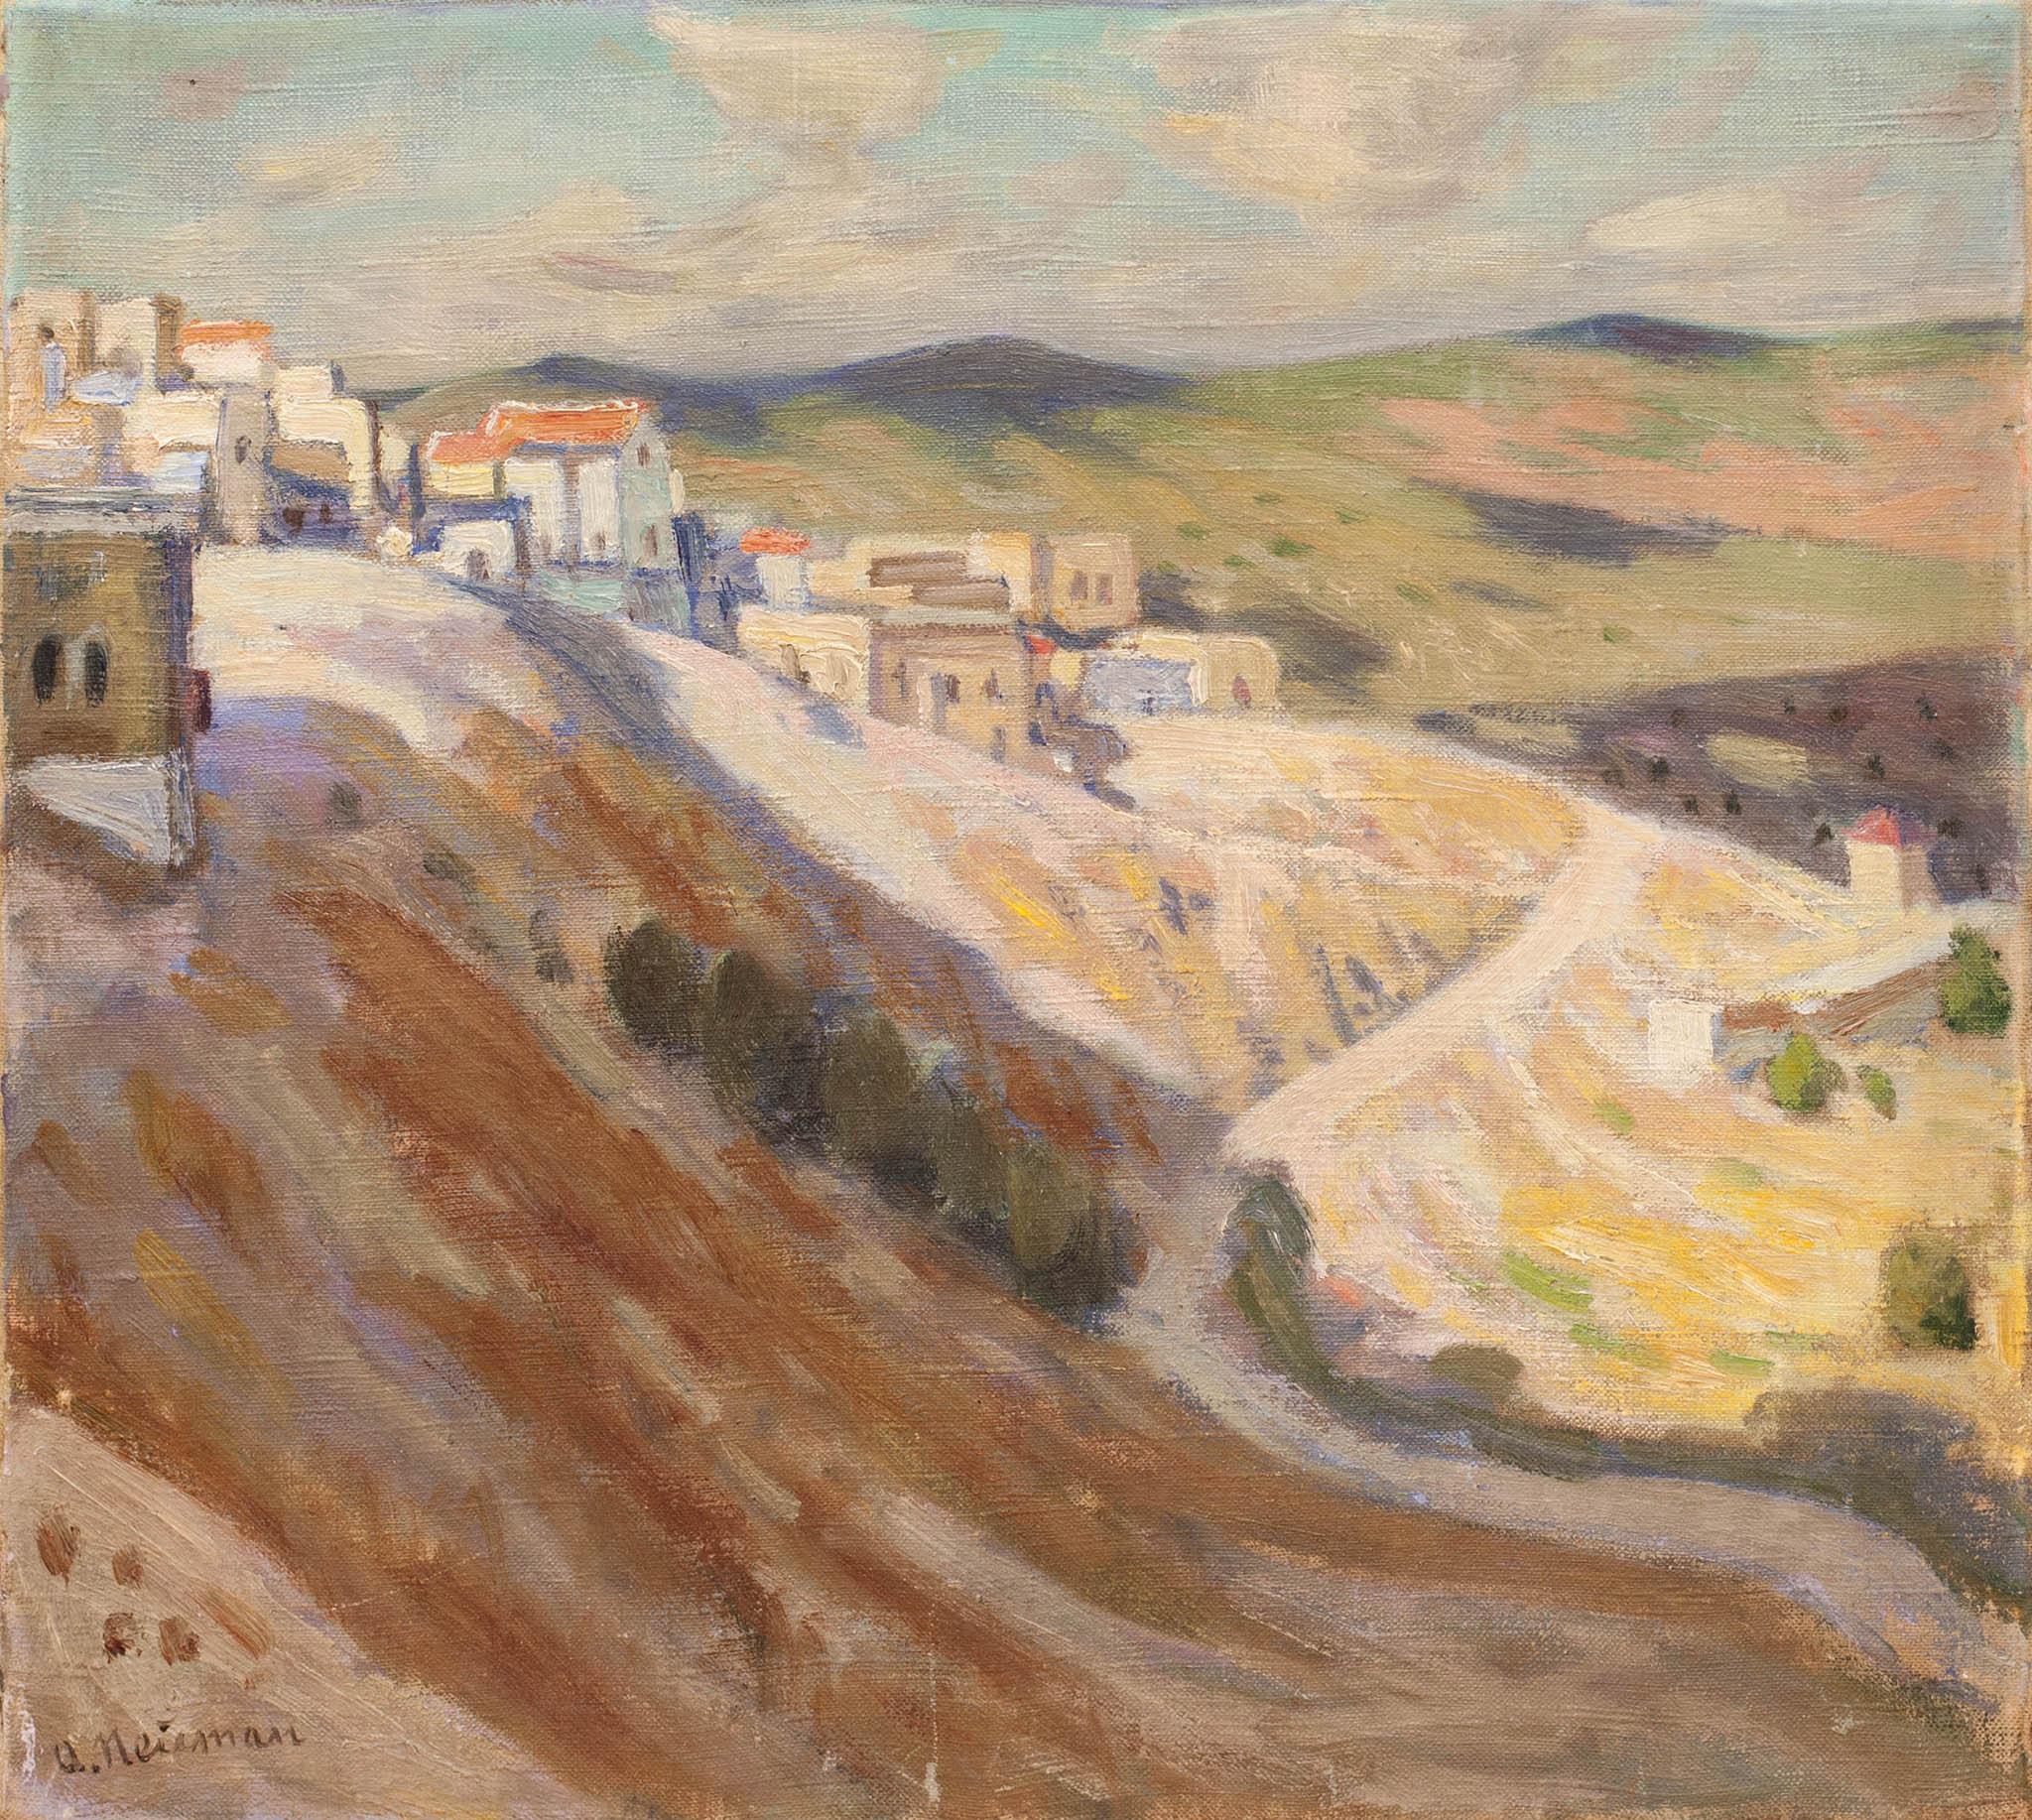 """אברהם נוימן, """"נוף צפת מספר 12"""", שמן על בד, 48x43 ס""""מ"""